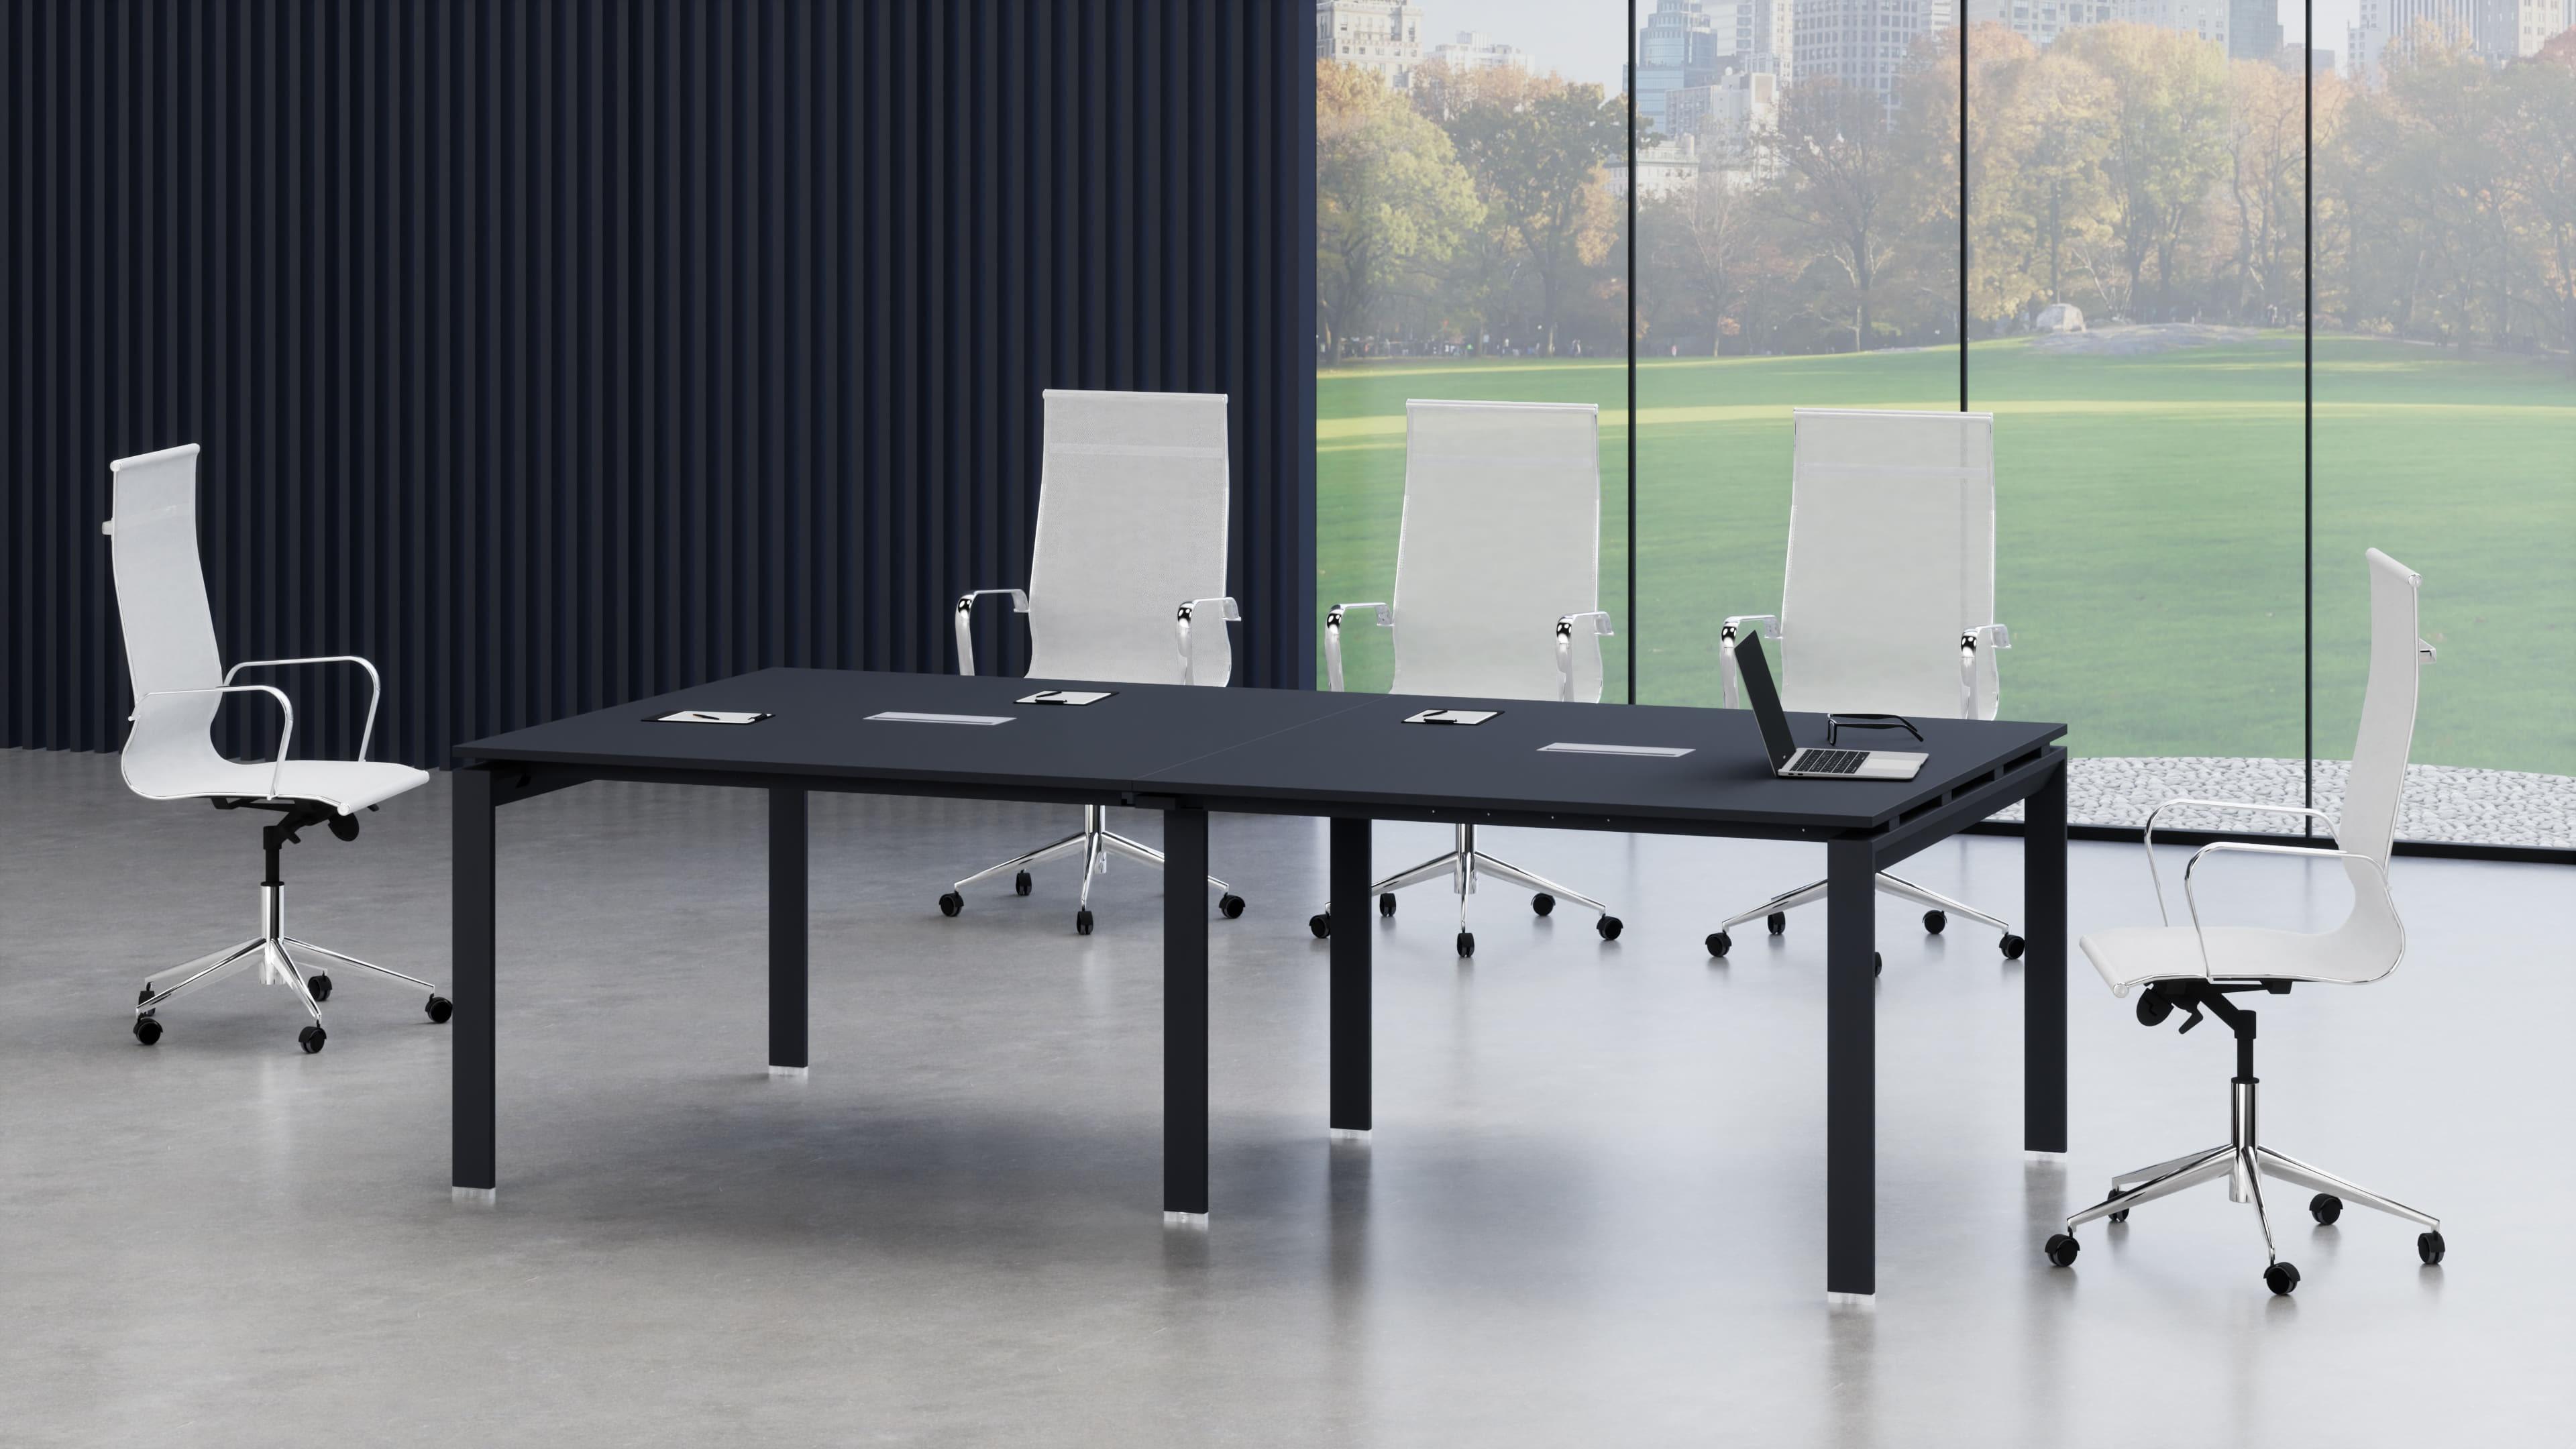 Tavolo riunione rettangolare con struttura metallica a ponte